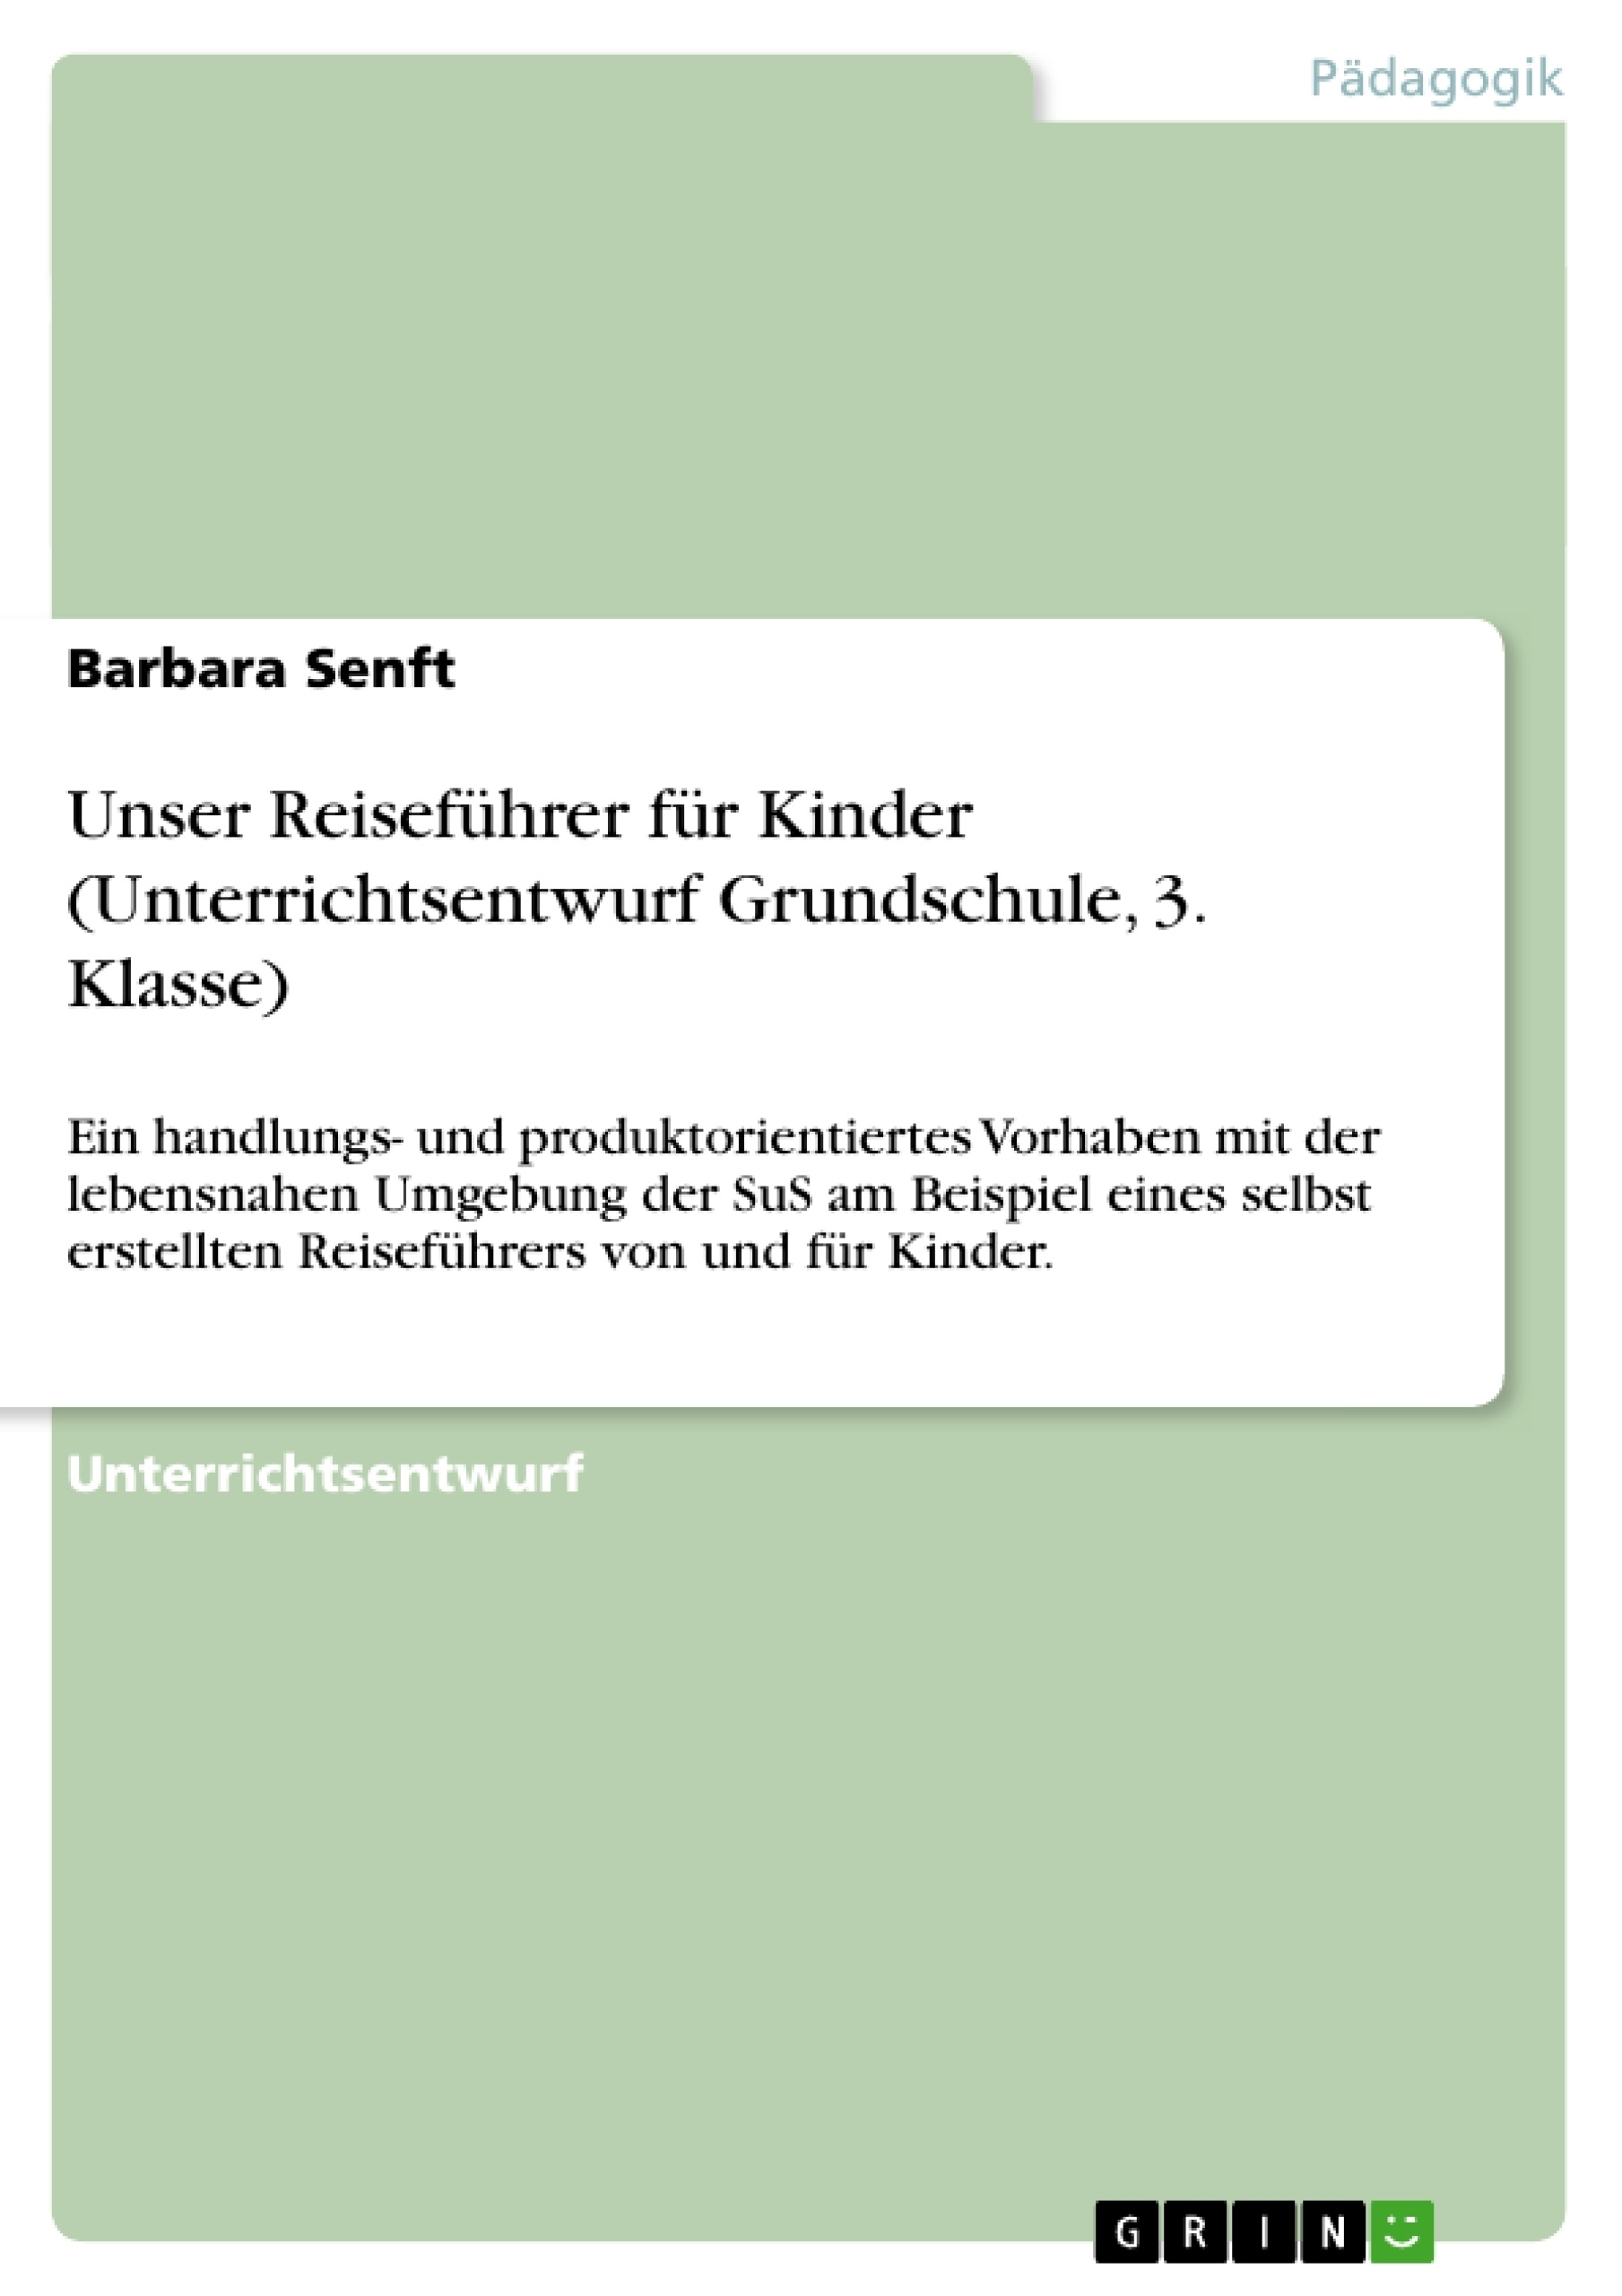 Titel: Unser Reiseführer für Kinder (Unterrichtsentwurf Grundschule, 3. Klasse)